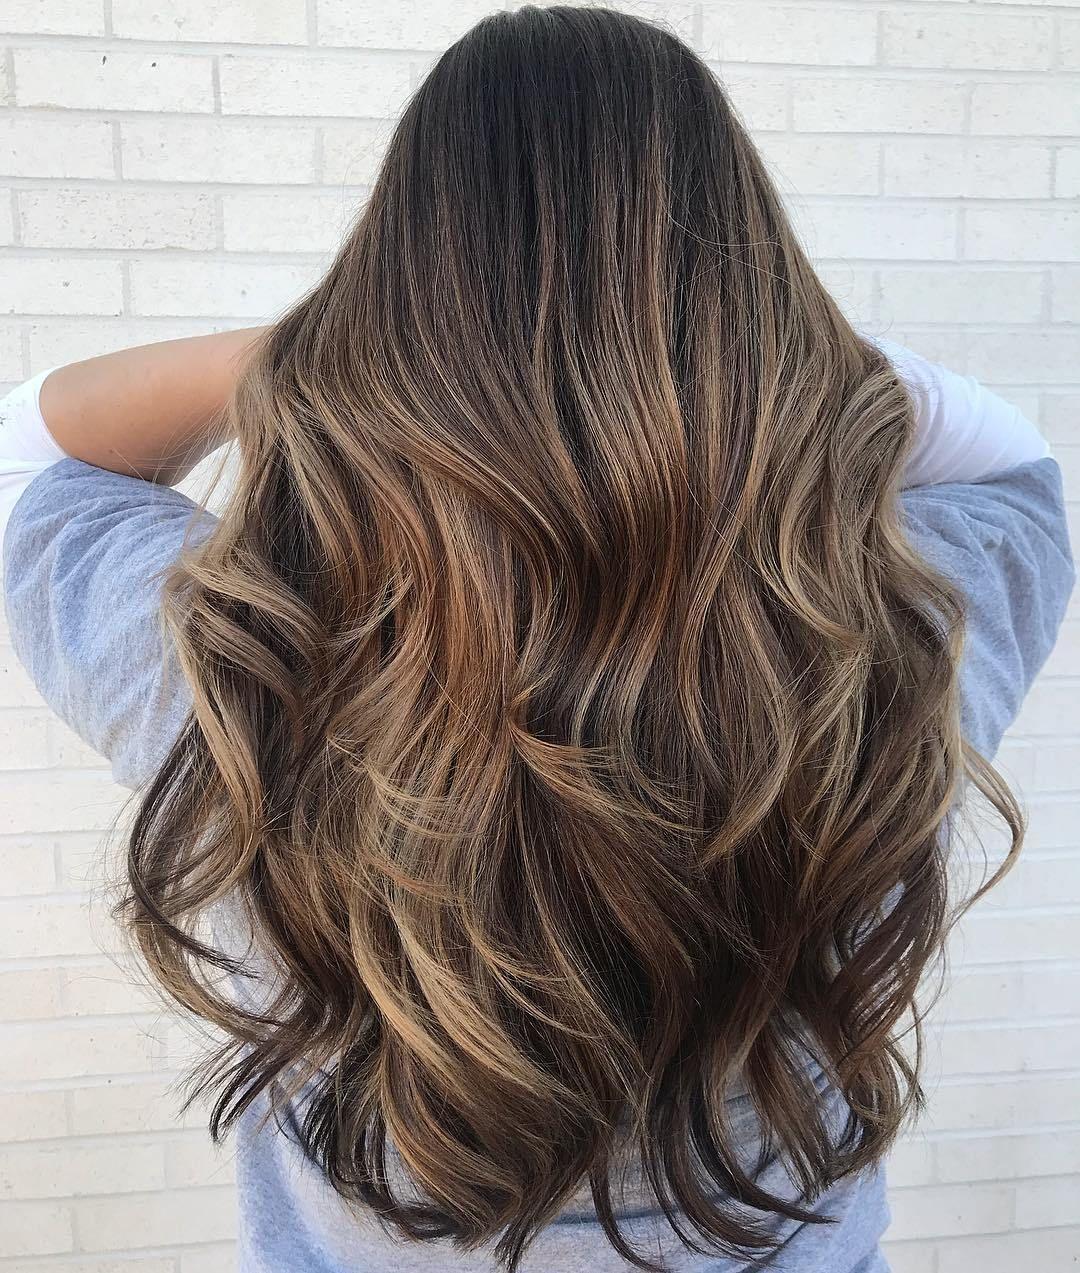 Long Wavy Light Brown Balayage Hair #hairstylesforlonghair